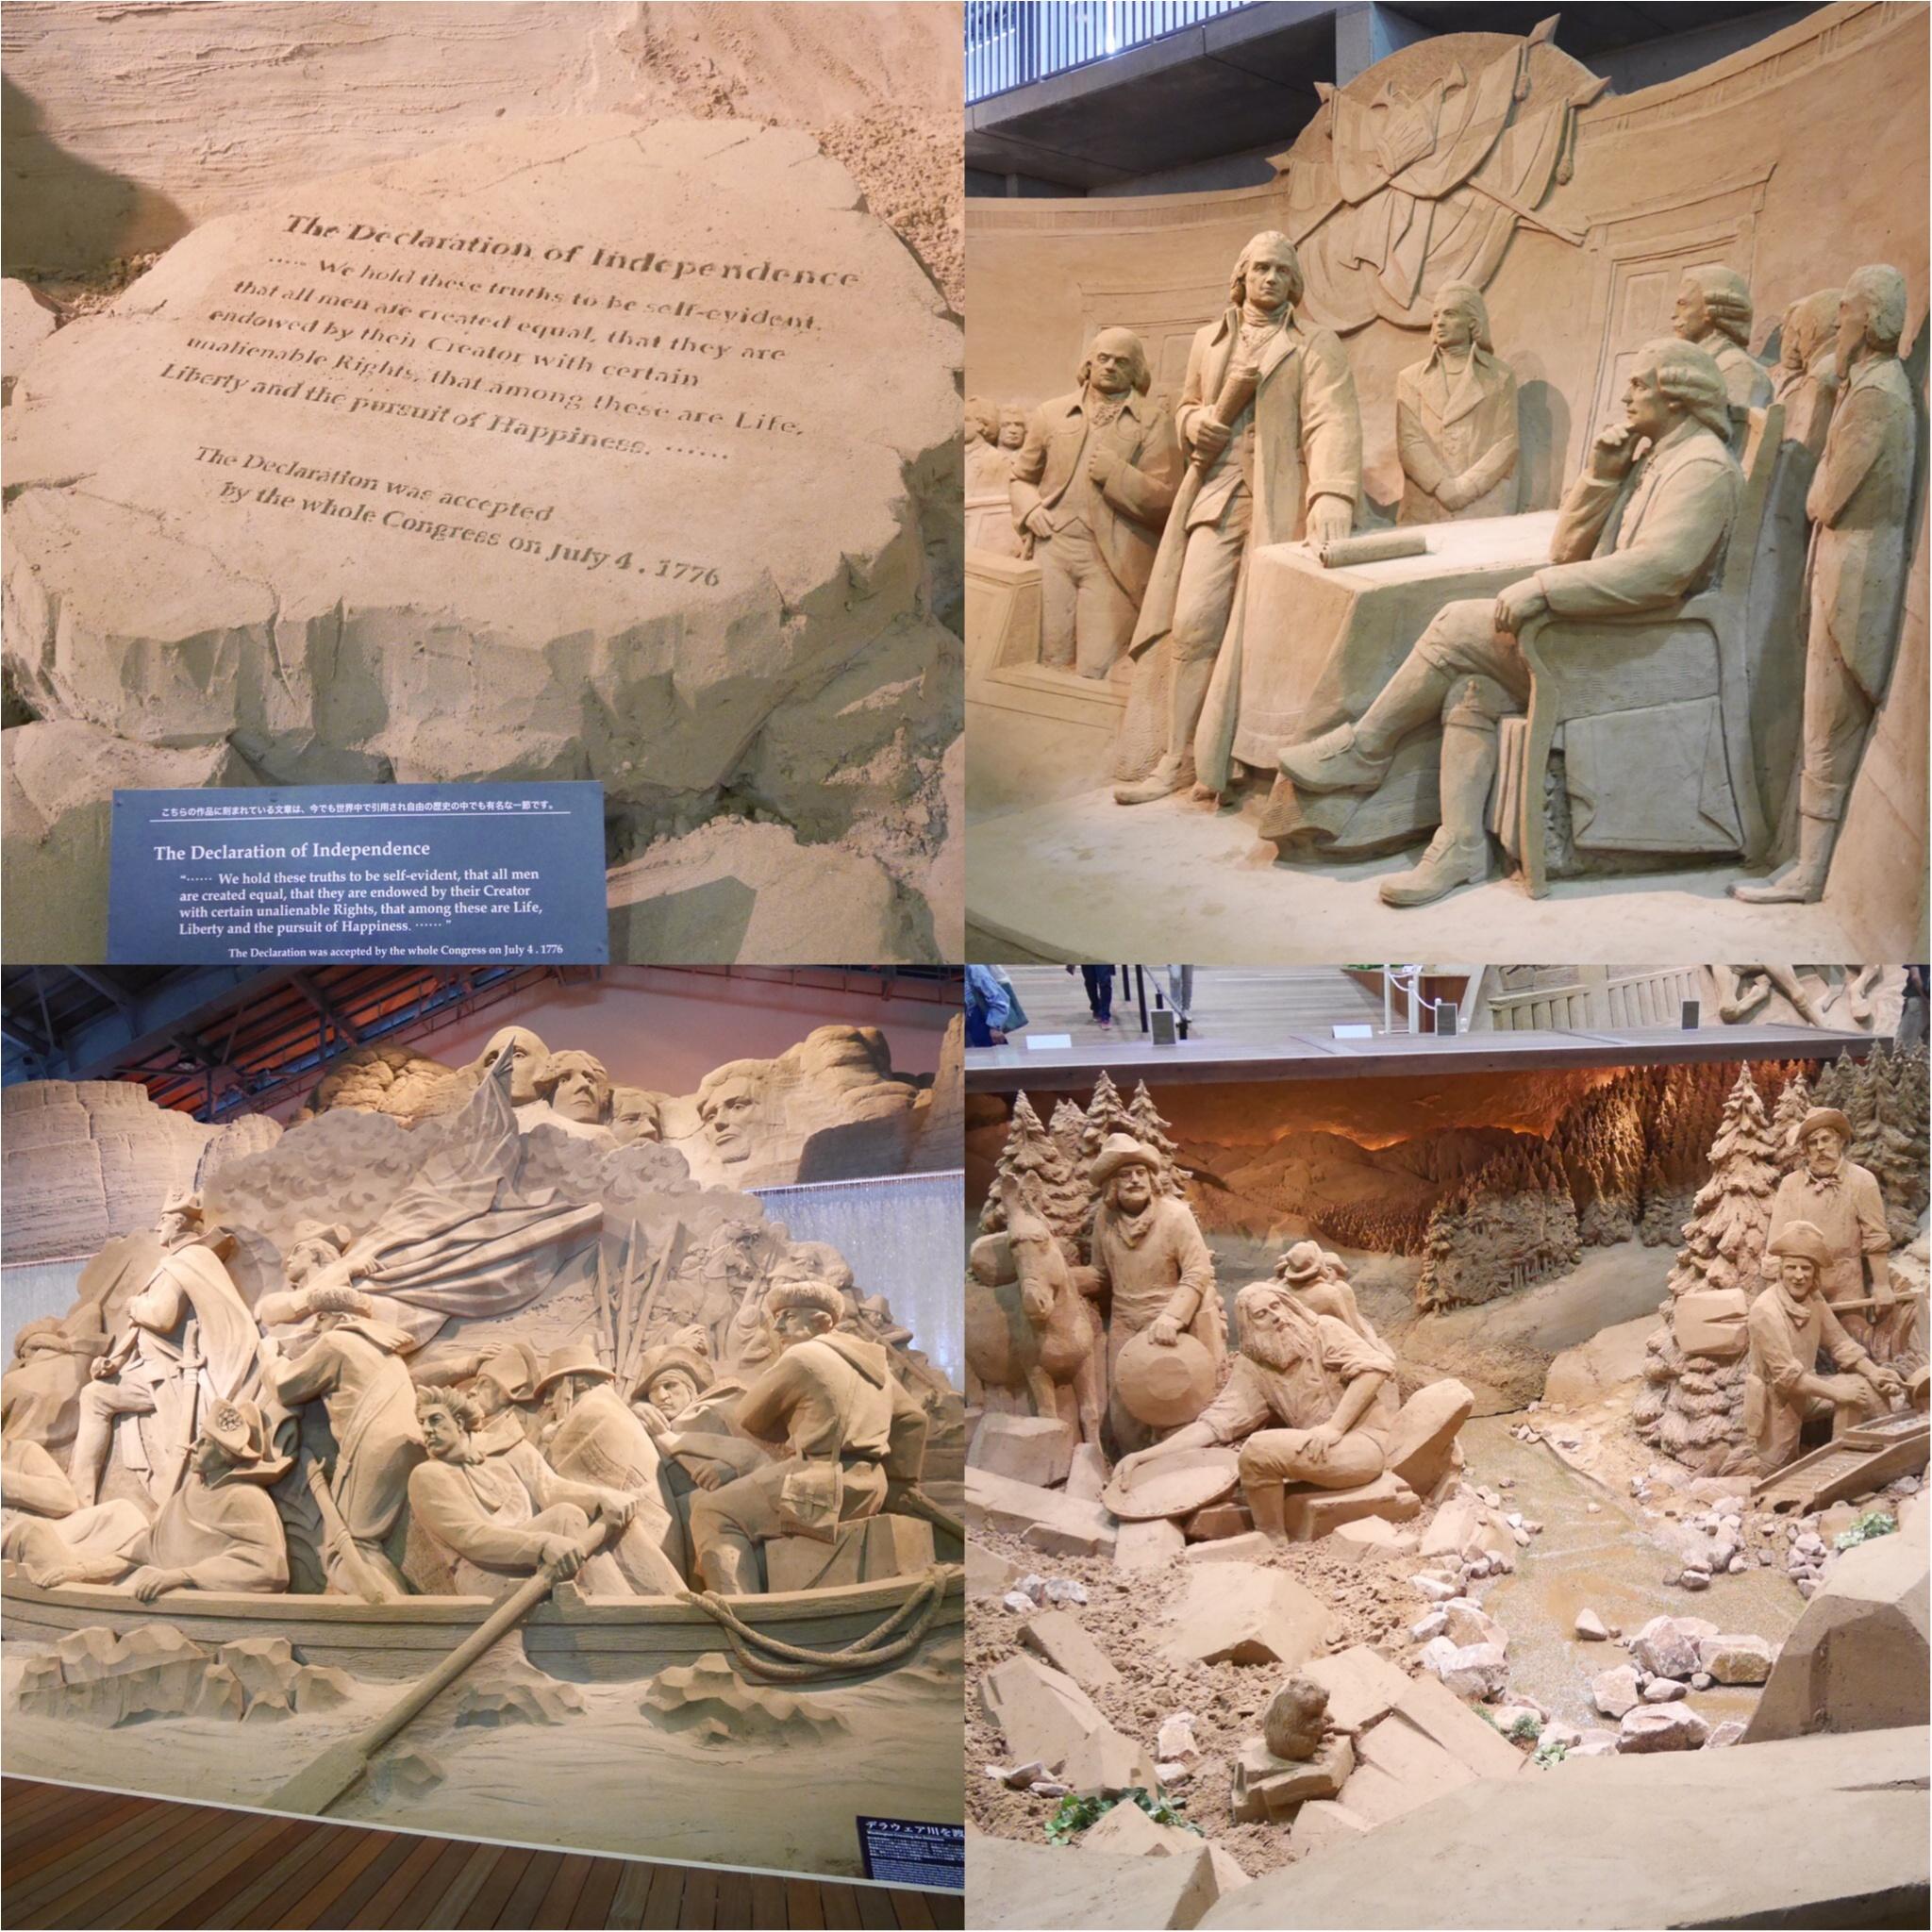 [島根・鳥取旅行④]鳥取砂丘&砂の博物館に行って来ました!_3